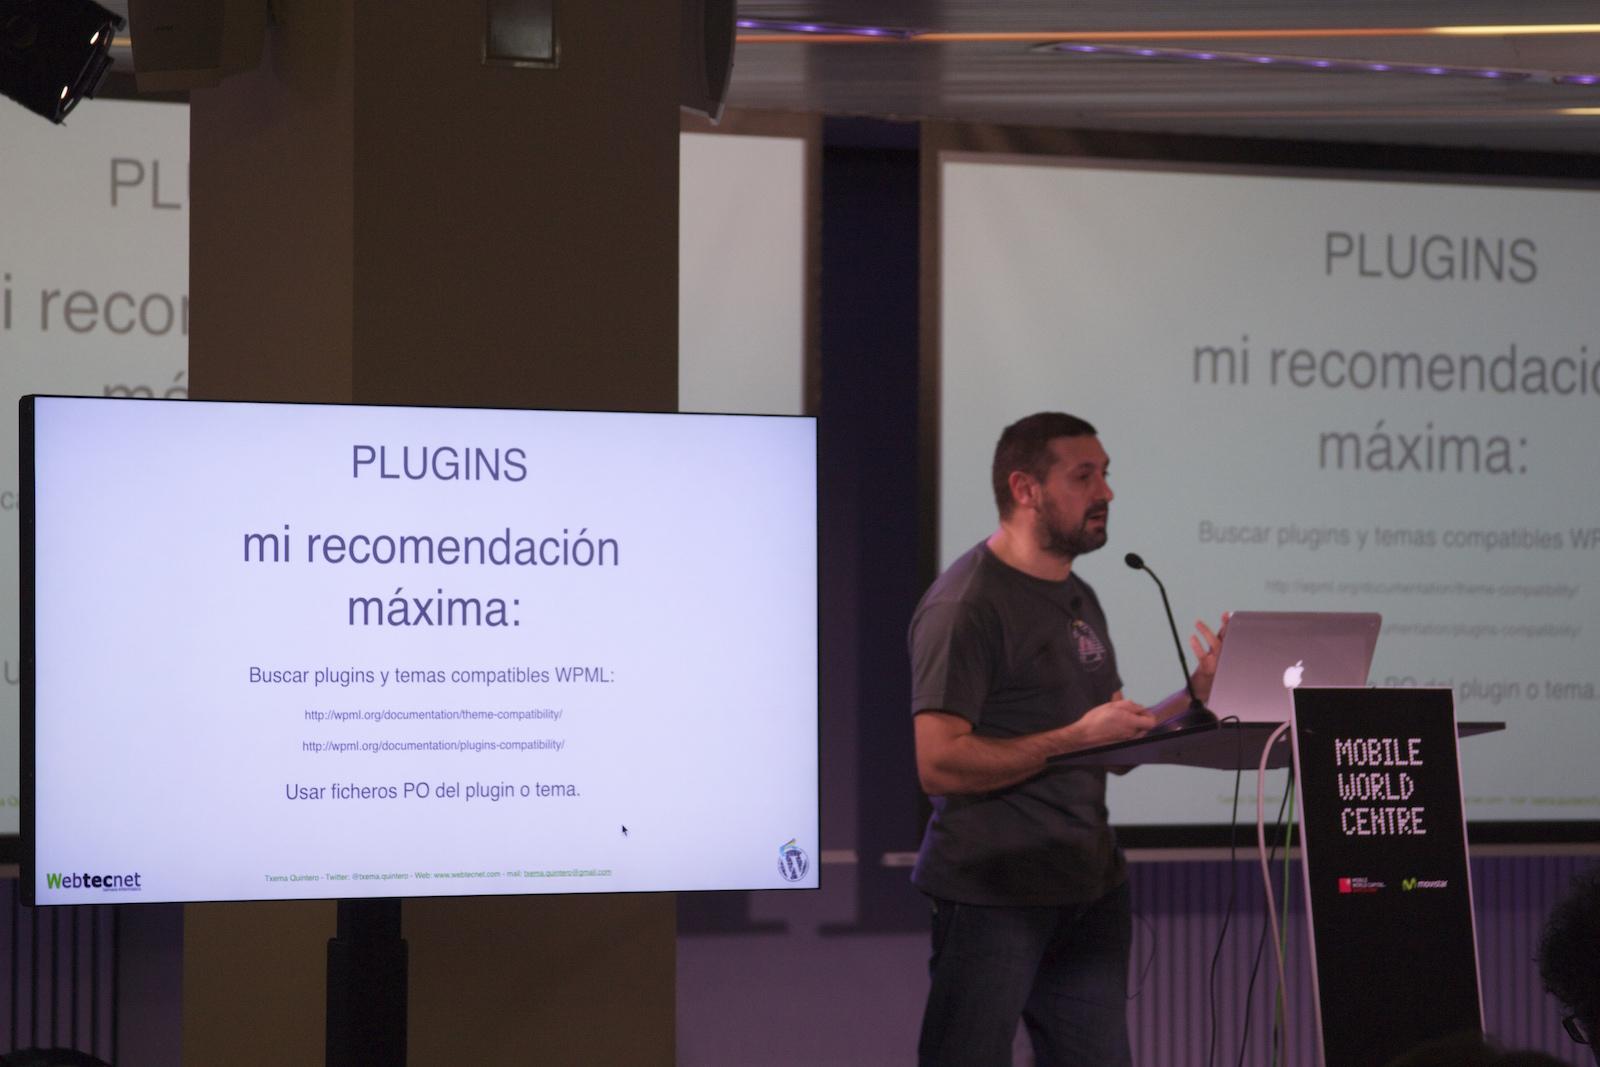 Buscar plugins y temas compatibles con WPML